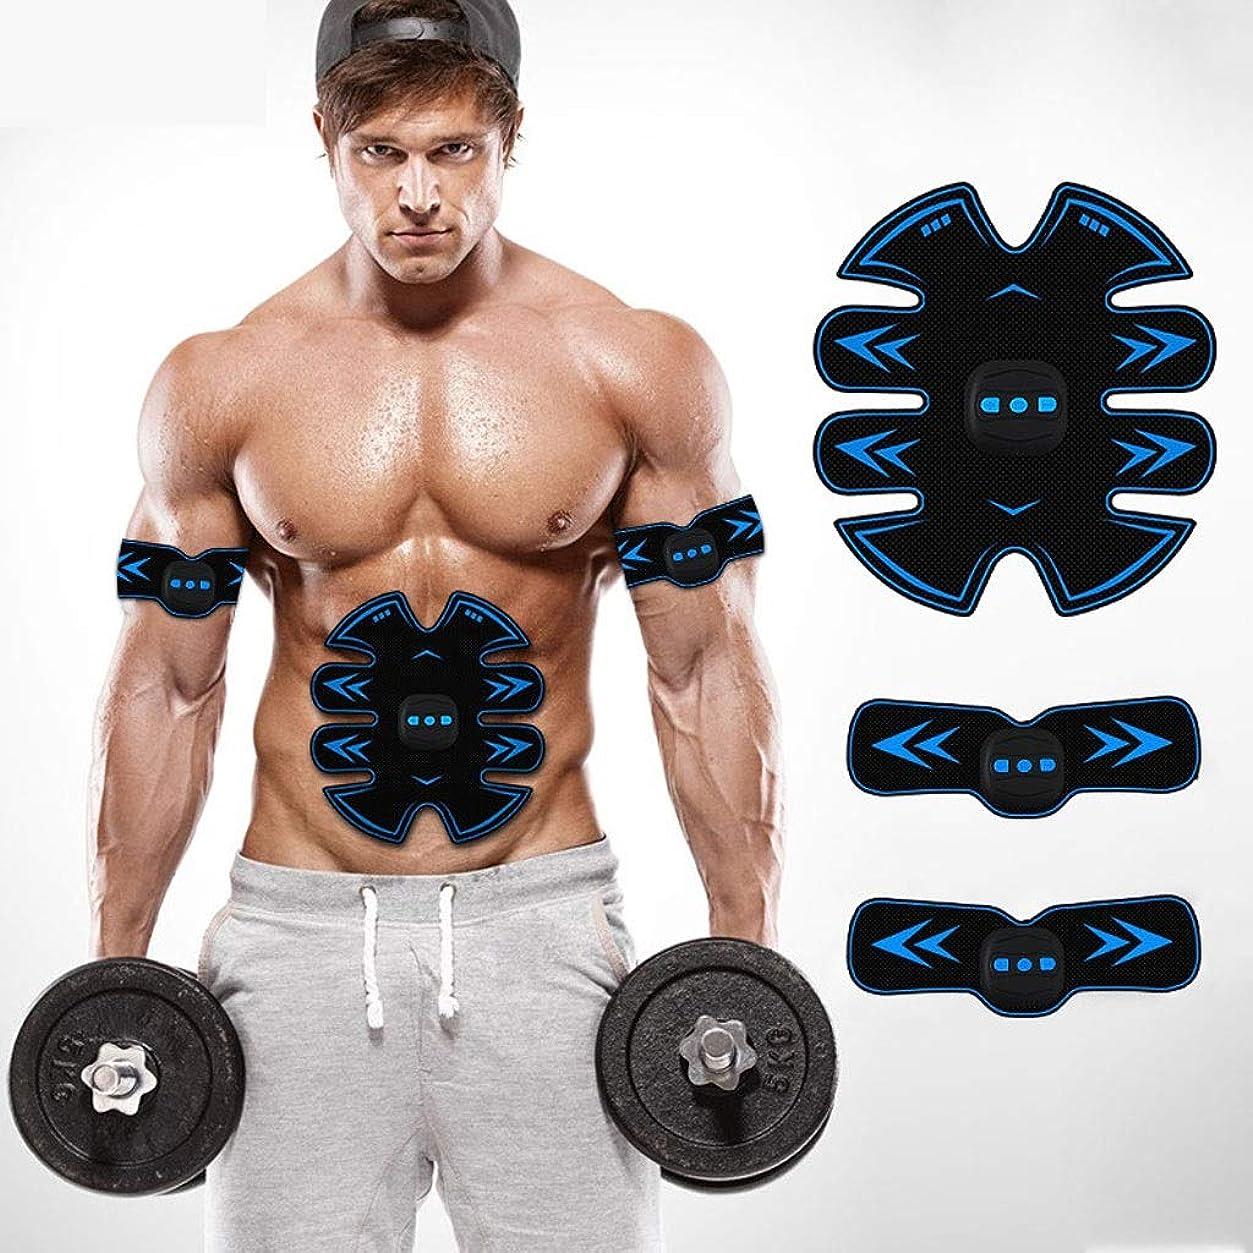 環境交じる恐れるUsb充電筋肉トナーabs abシミュレータ腹部調色ベルトワークアウトワイヤレスEMSトレーニングホームオフィス用腹部腕脚トレーニングホームオフィス (Color : Blue)